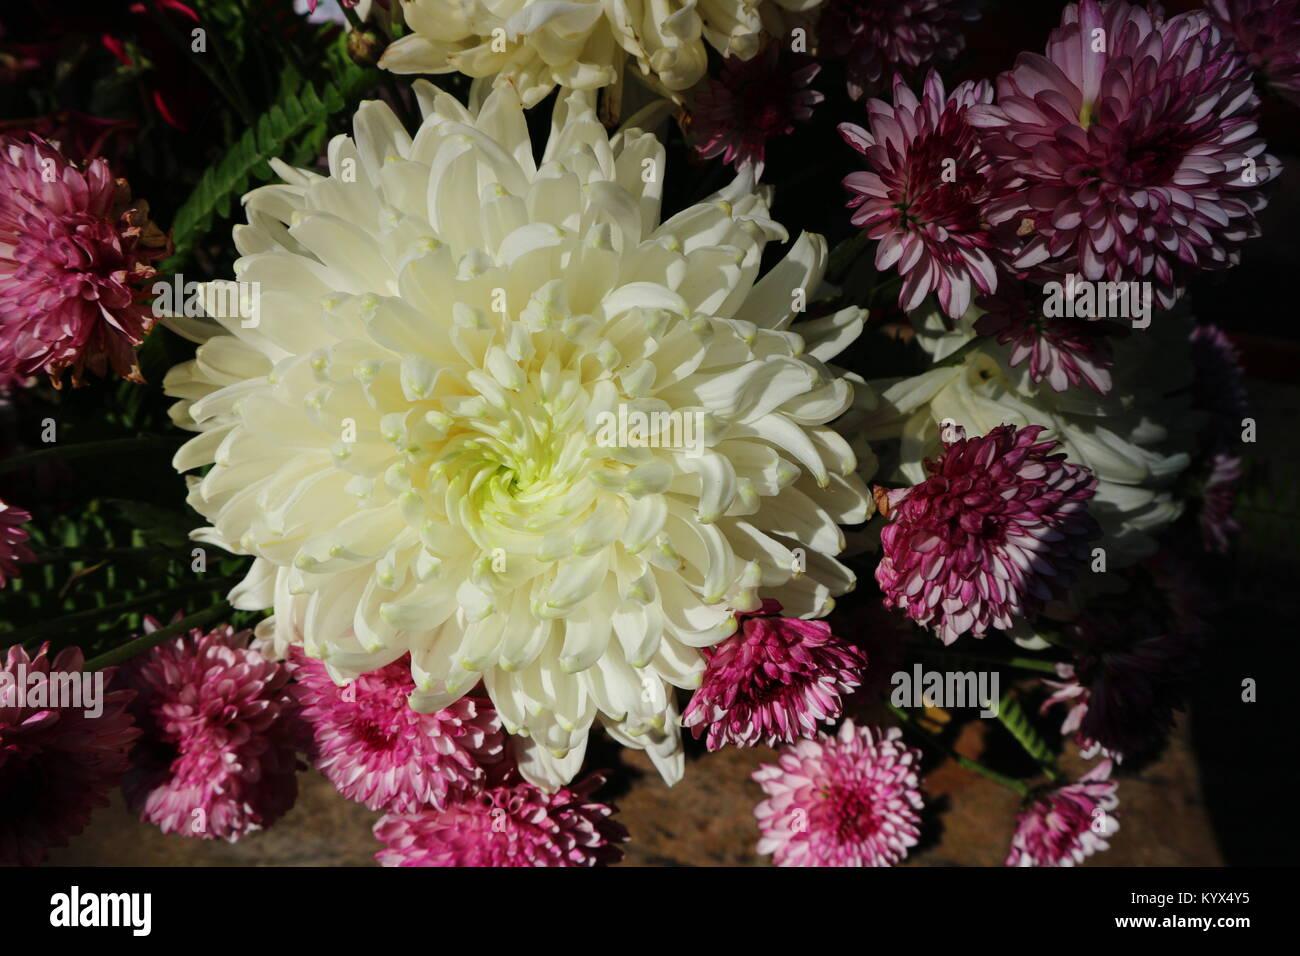 Schönen Lila Rosa Chrysanthemen Als Hintergrund Bild Chrysantheme